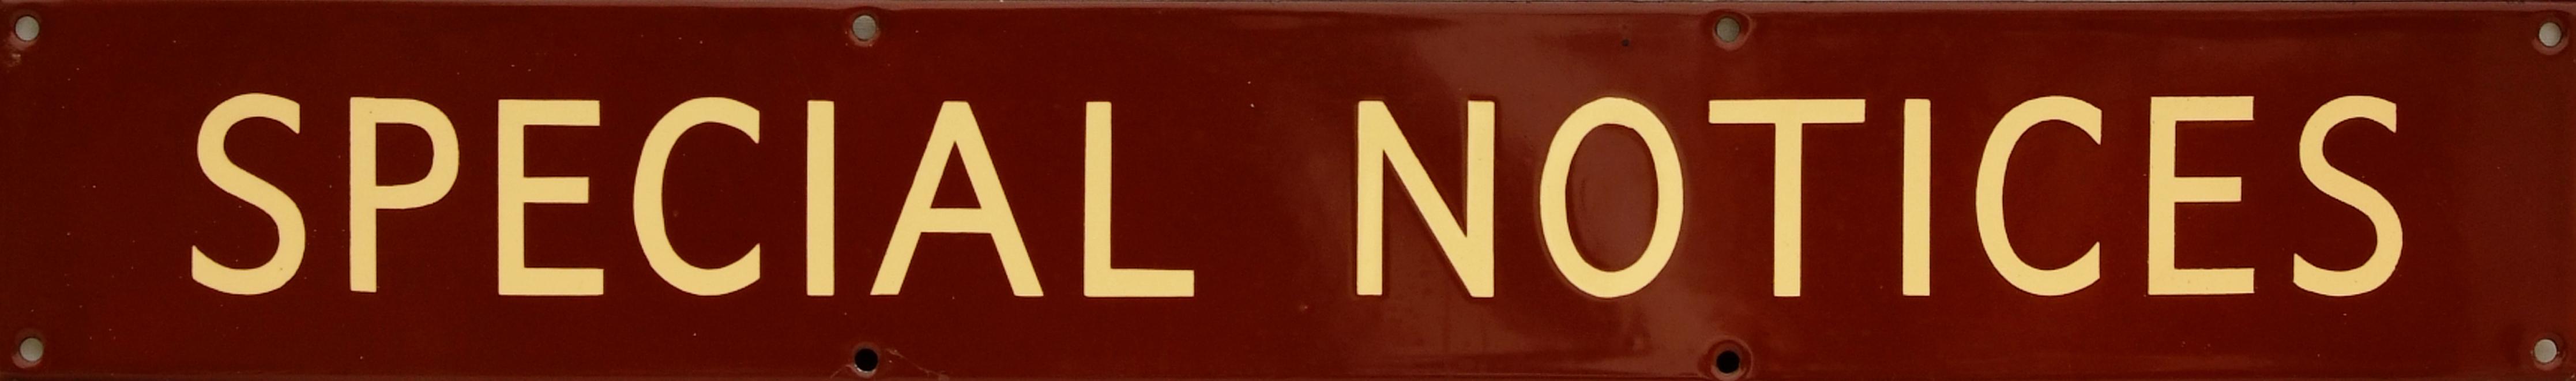 British Railways(W) Enamel Poster Board Heading